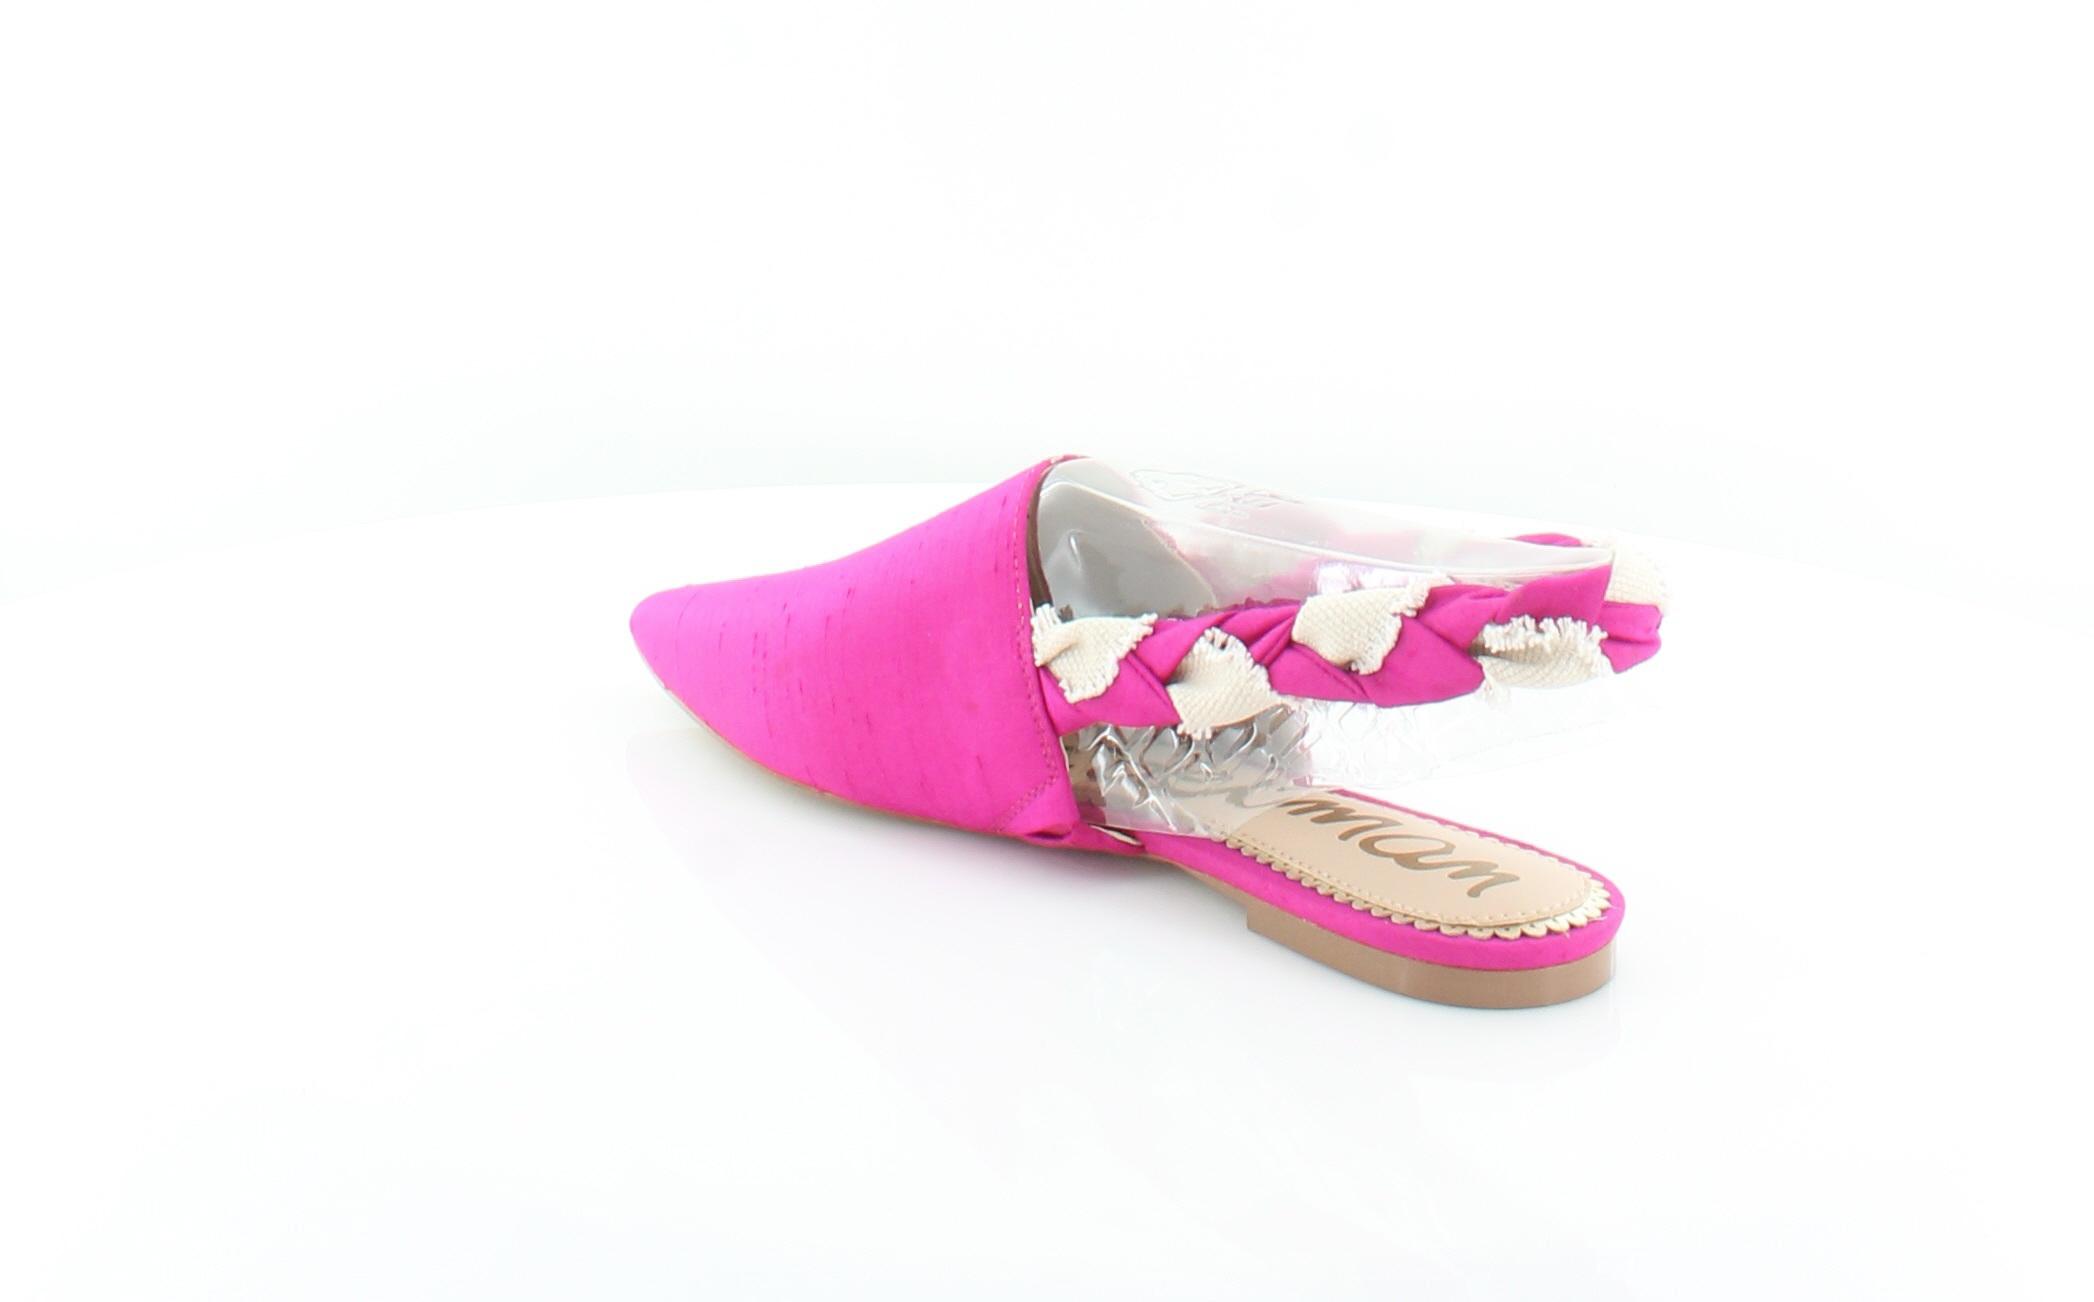 Sam Edelman Ríos rosado Sandalias De Mujer MSRP Zapatos Talla 7.5 M MSRP Mujer  120 257110